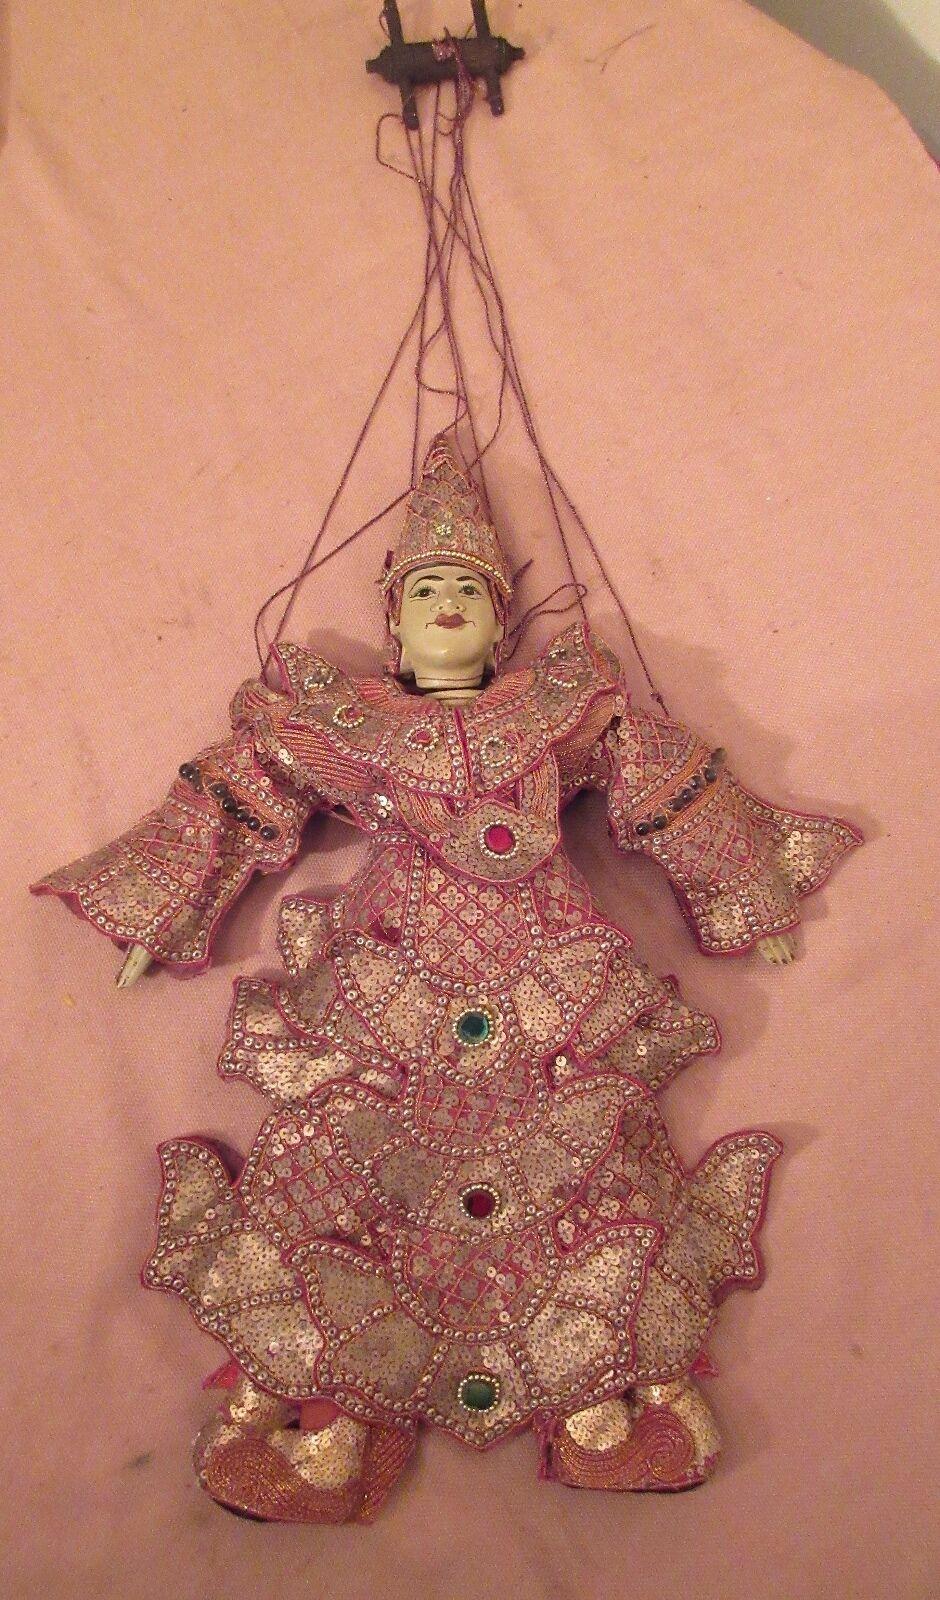 alta calidad Gran Gran Gran Vintage mano tallada hecho birmano asiático Marioneta Muñeca Juego escultura del grano  los clientes primero